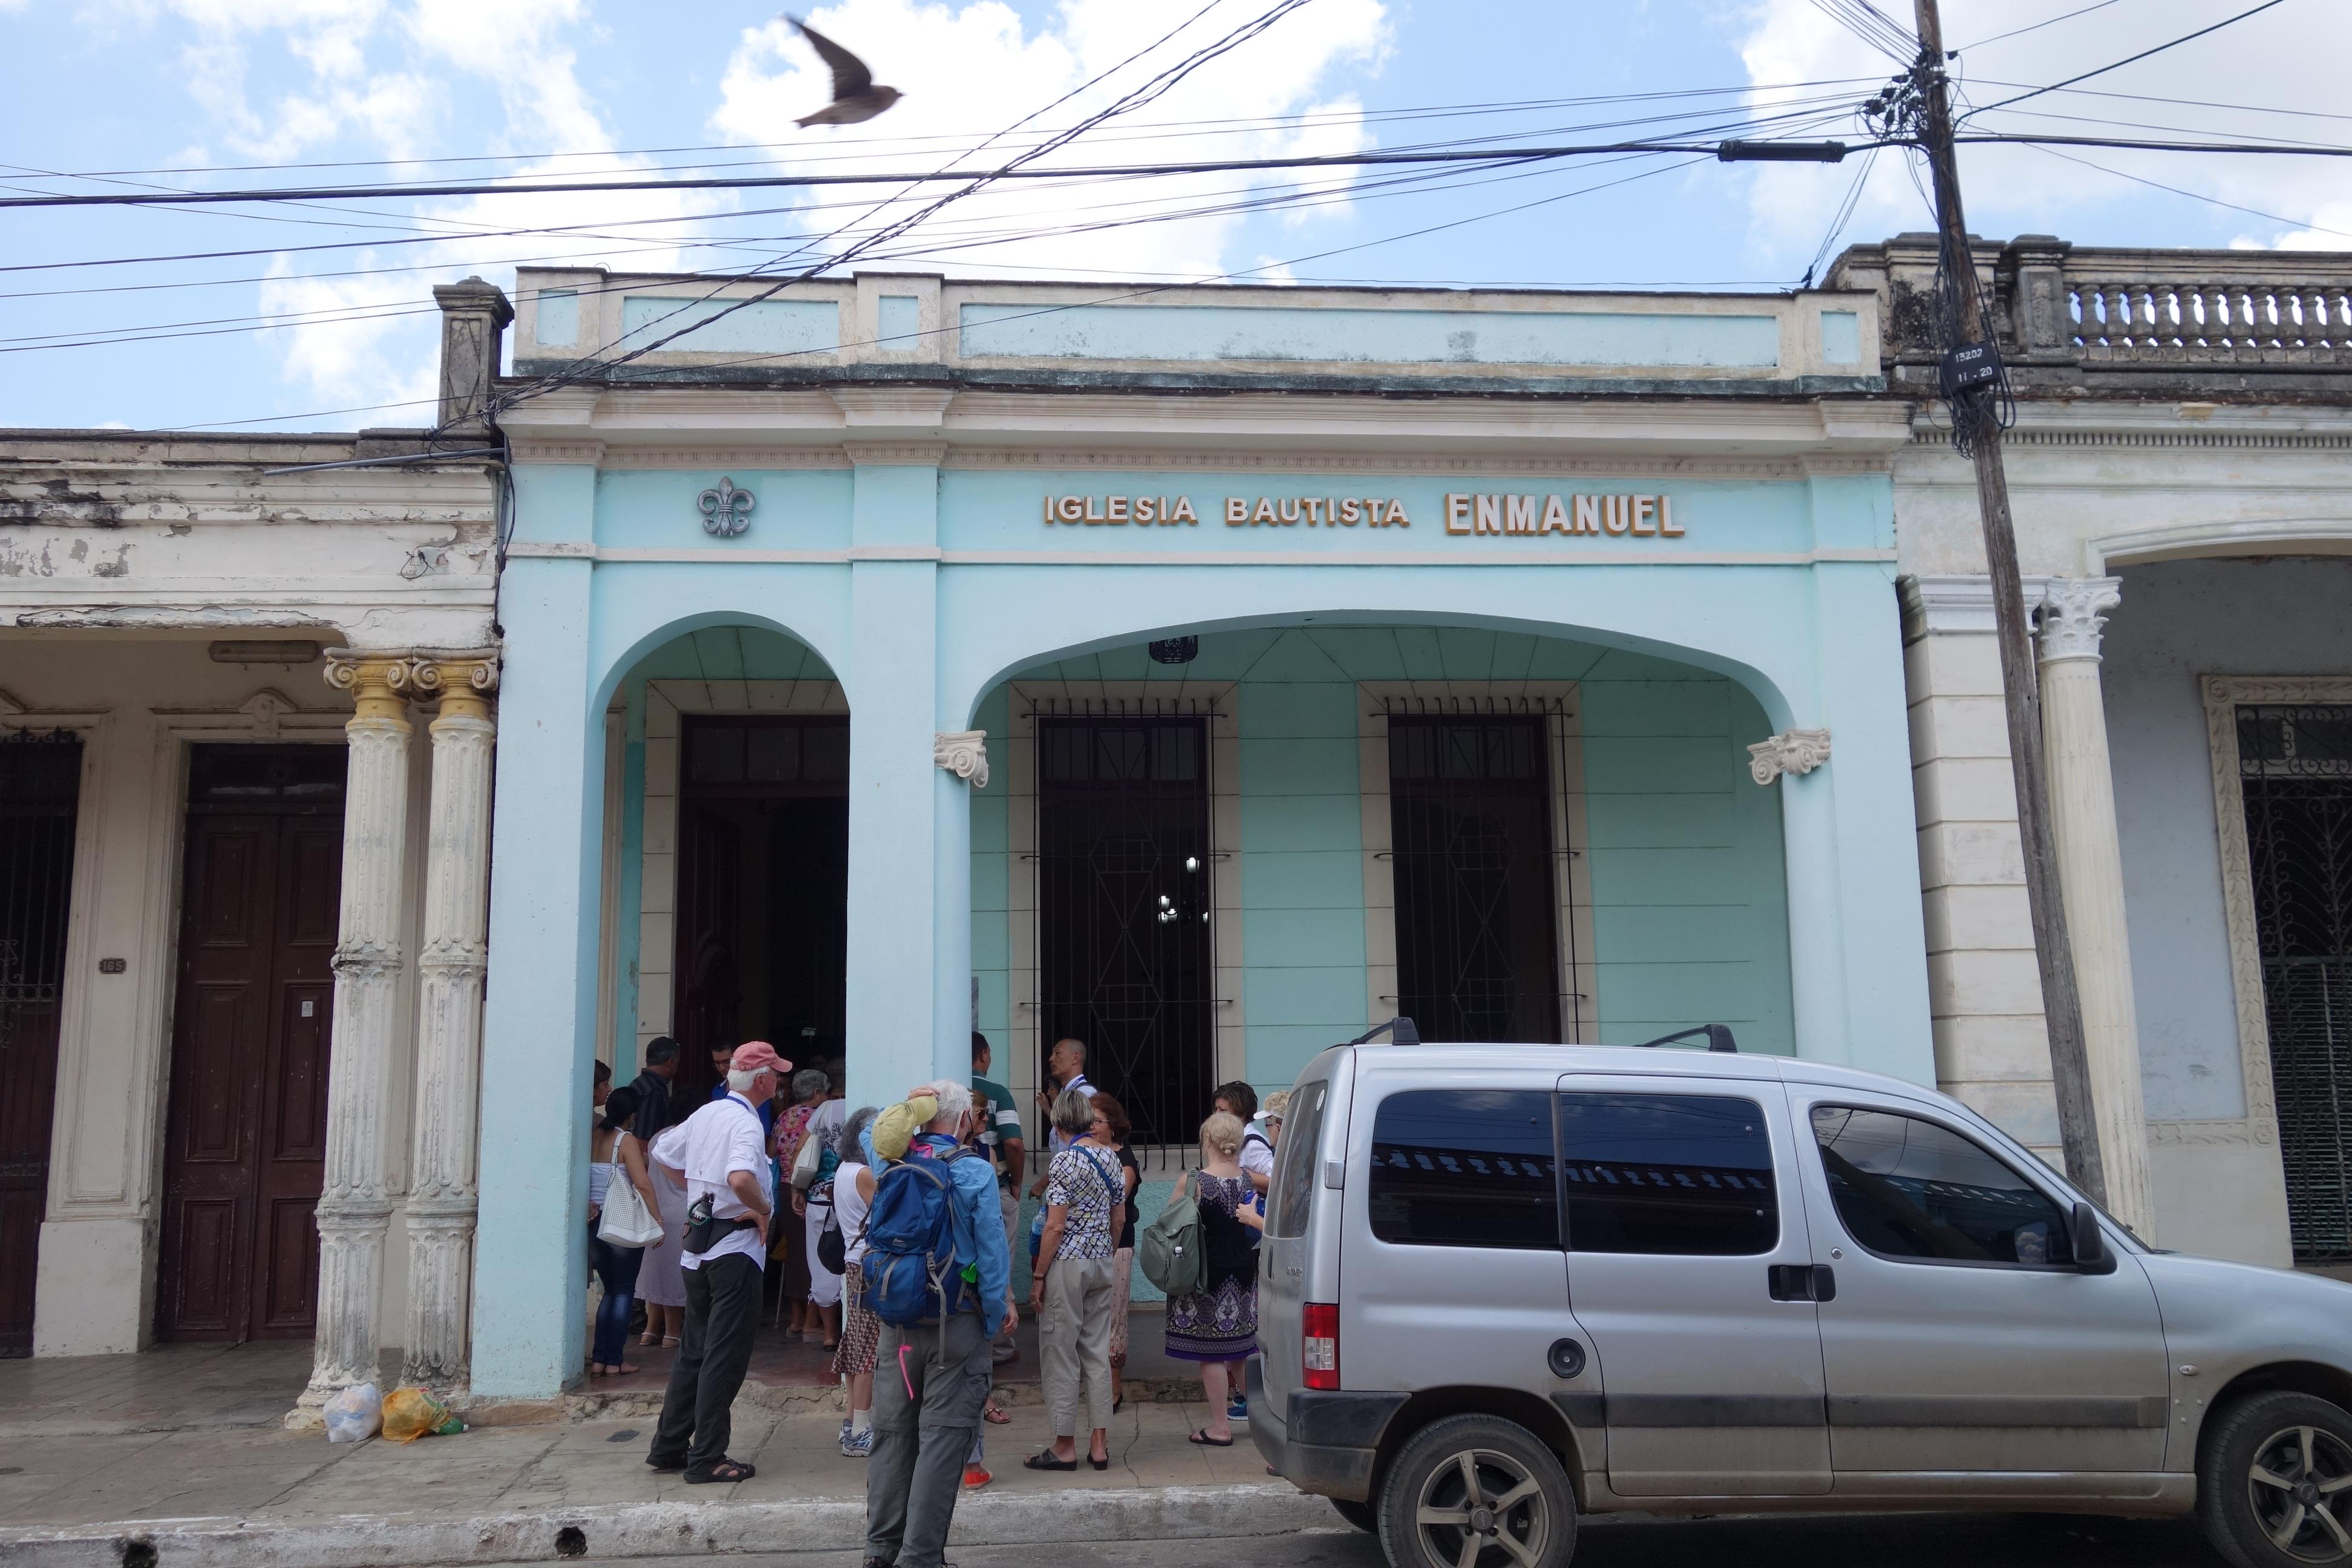 05.22-Iglesia-Bautista-Enmanuel-2